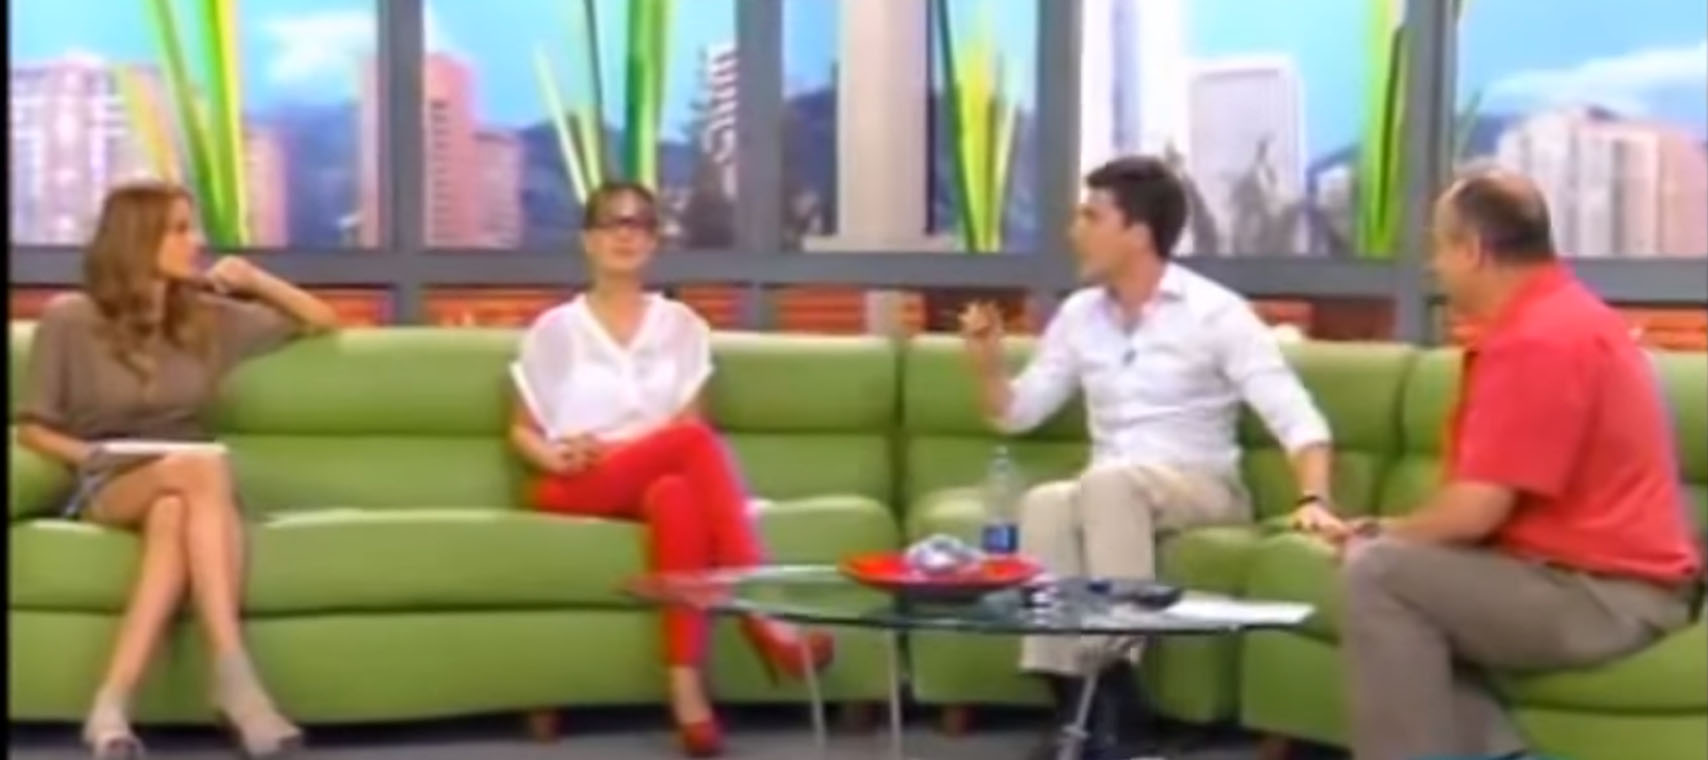 Jak skutecznie budować relacje - Mateusz Grzesiak w Kolumbii